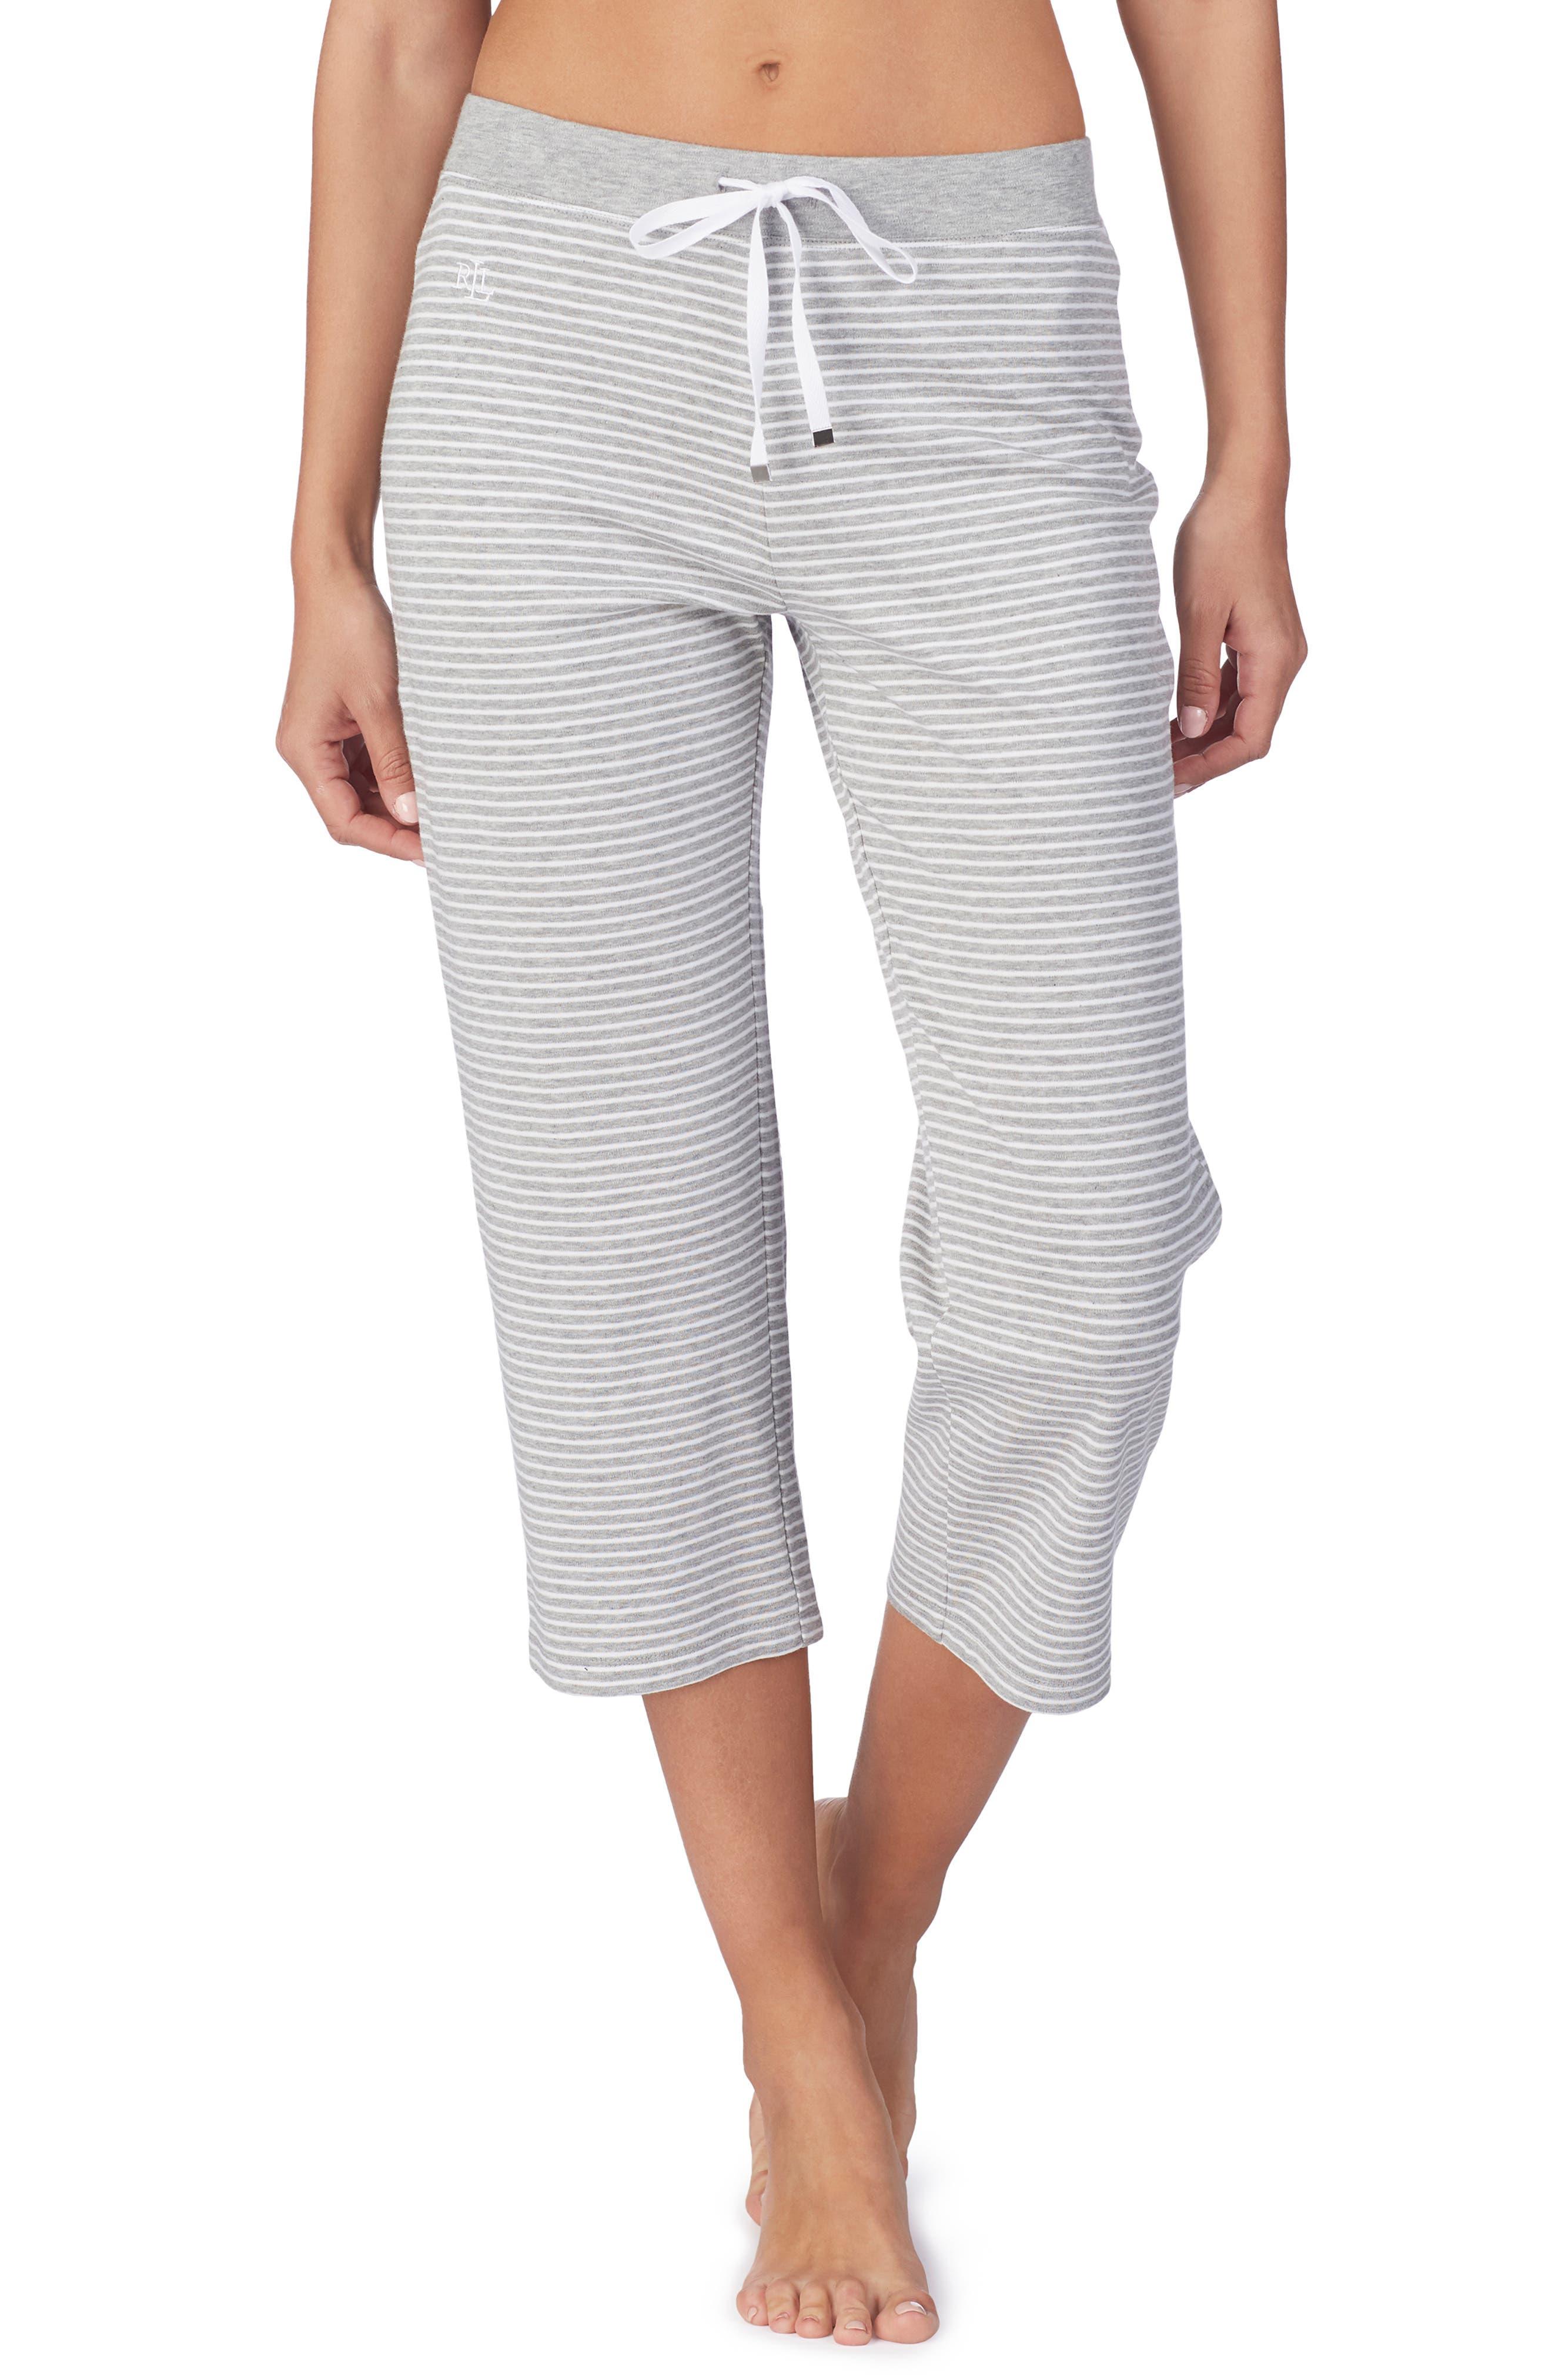 LAUREN RALPH LAUREN Capri Pajama Pants, Main, color, GREY STRIPE